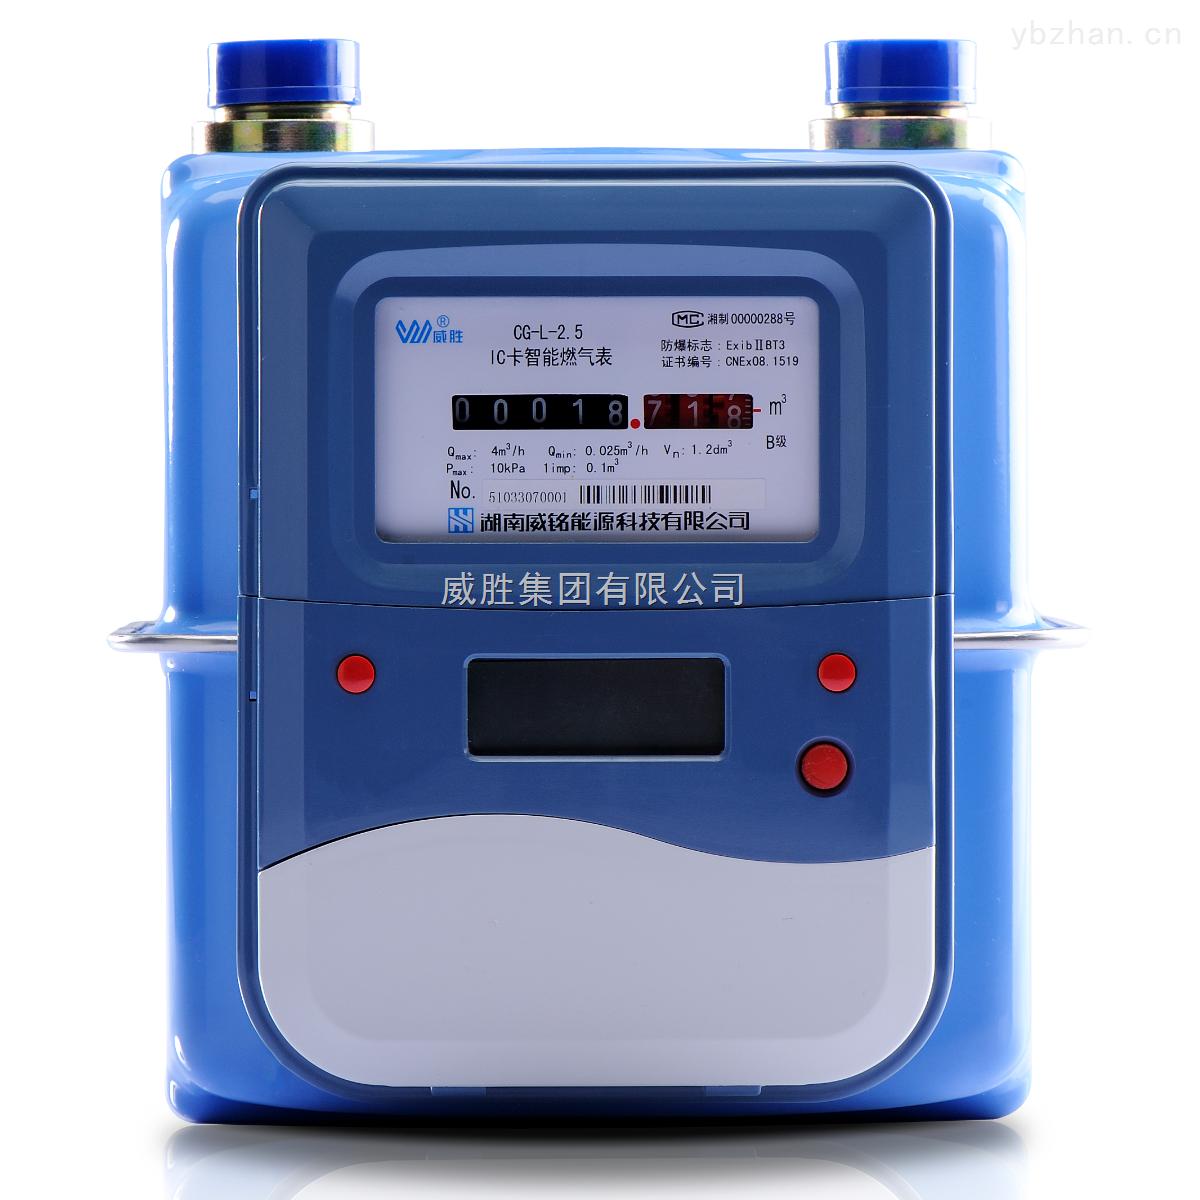 CG-L型民用智能IC卡燃气表